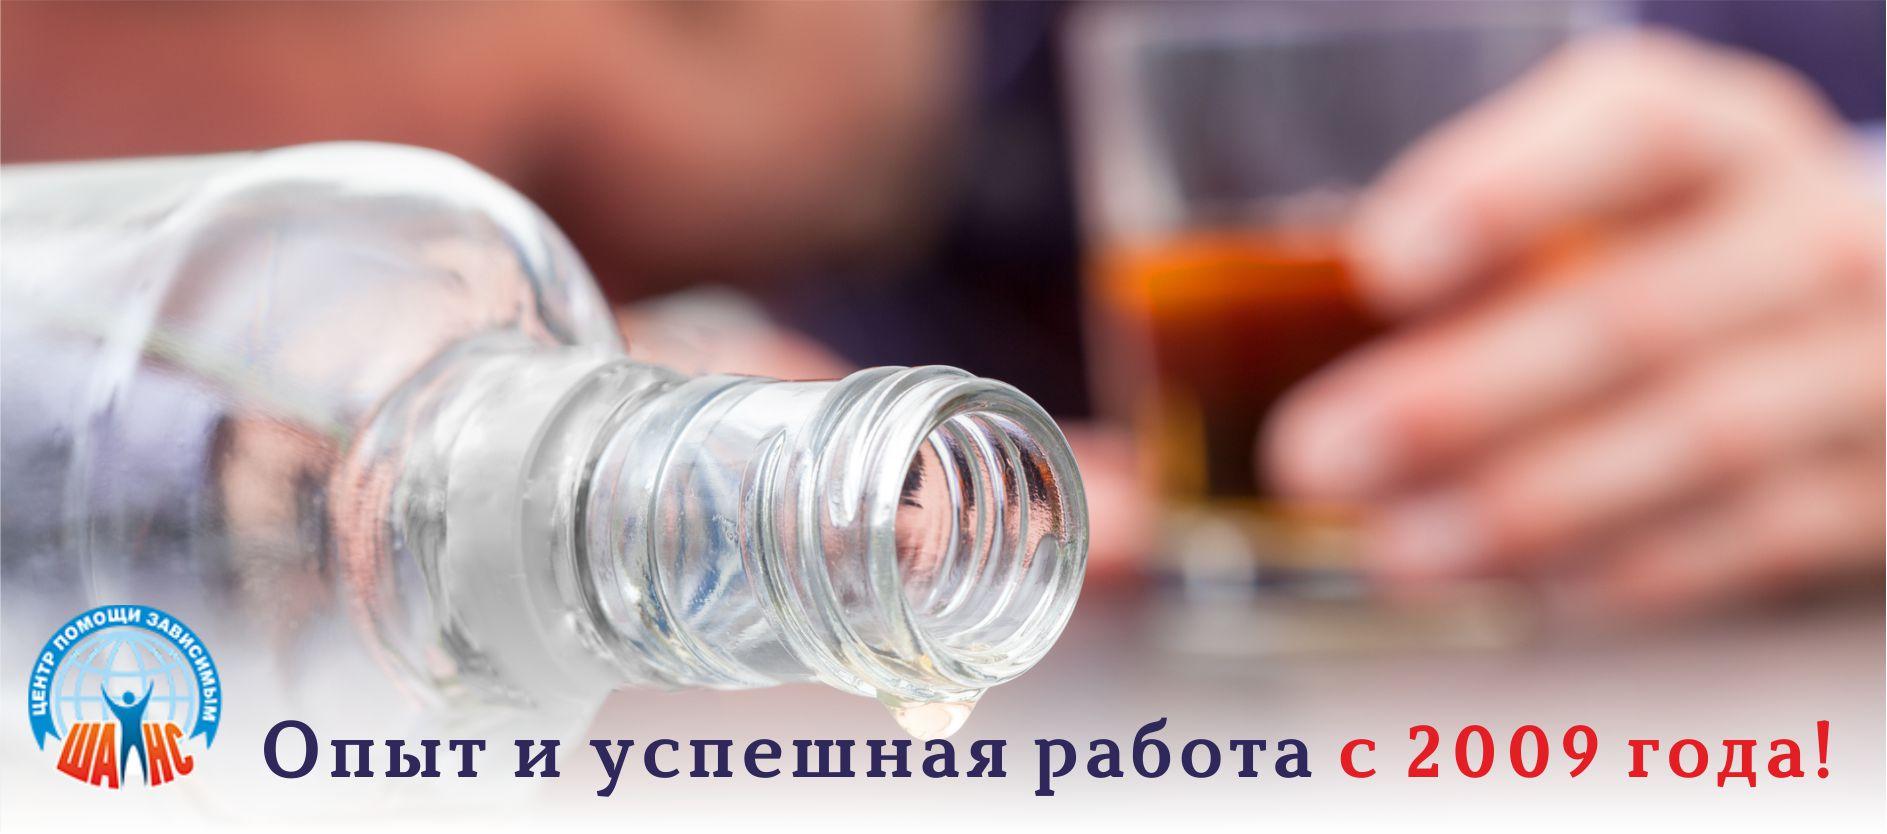 Федеральные программы для лечения алкоголизма поддерживающее лечение алкоголизма